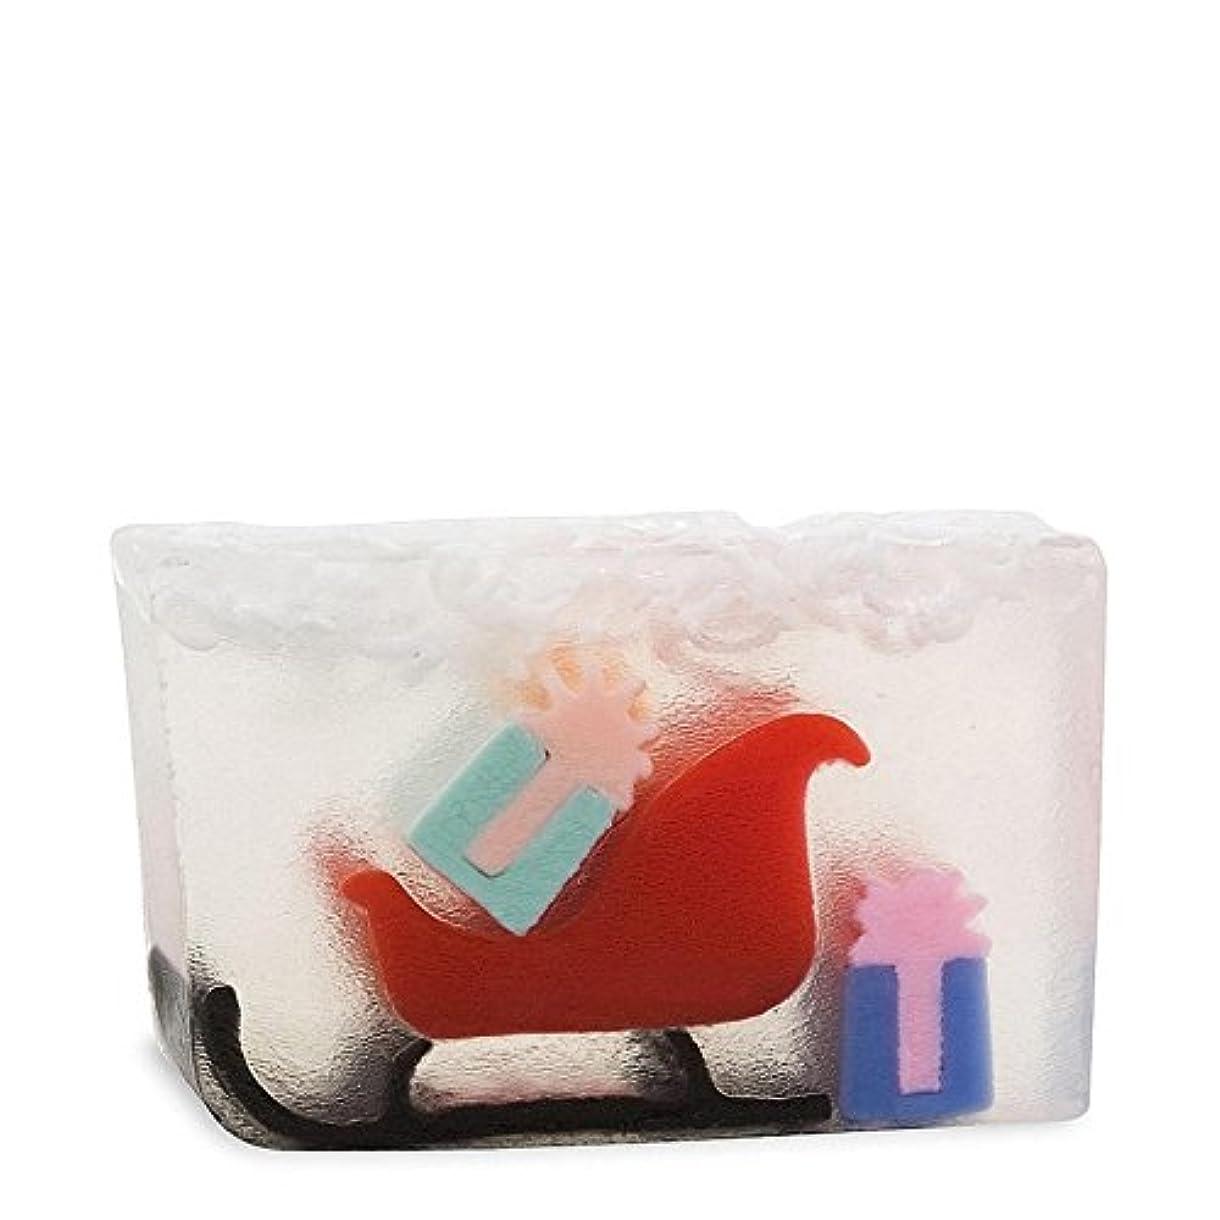 教義トーナメント含めるPrimal Elements Santas Sleigh - 原始要素のサンタのそり [並行輸入品]